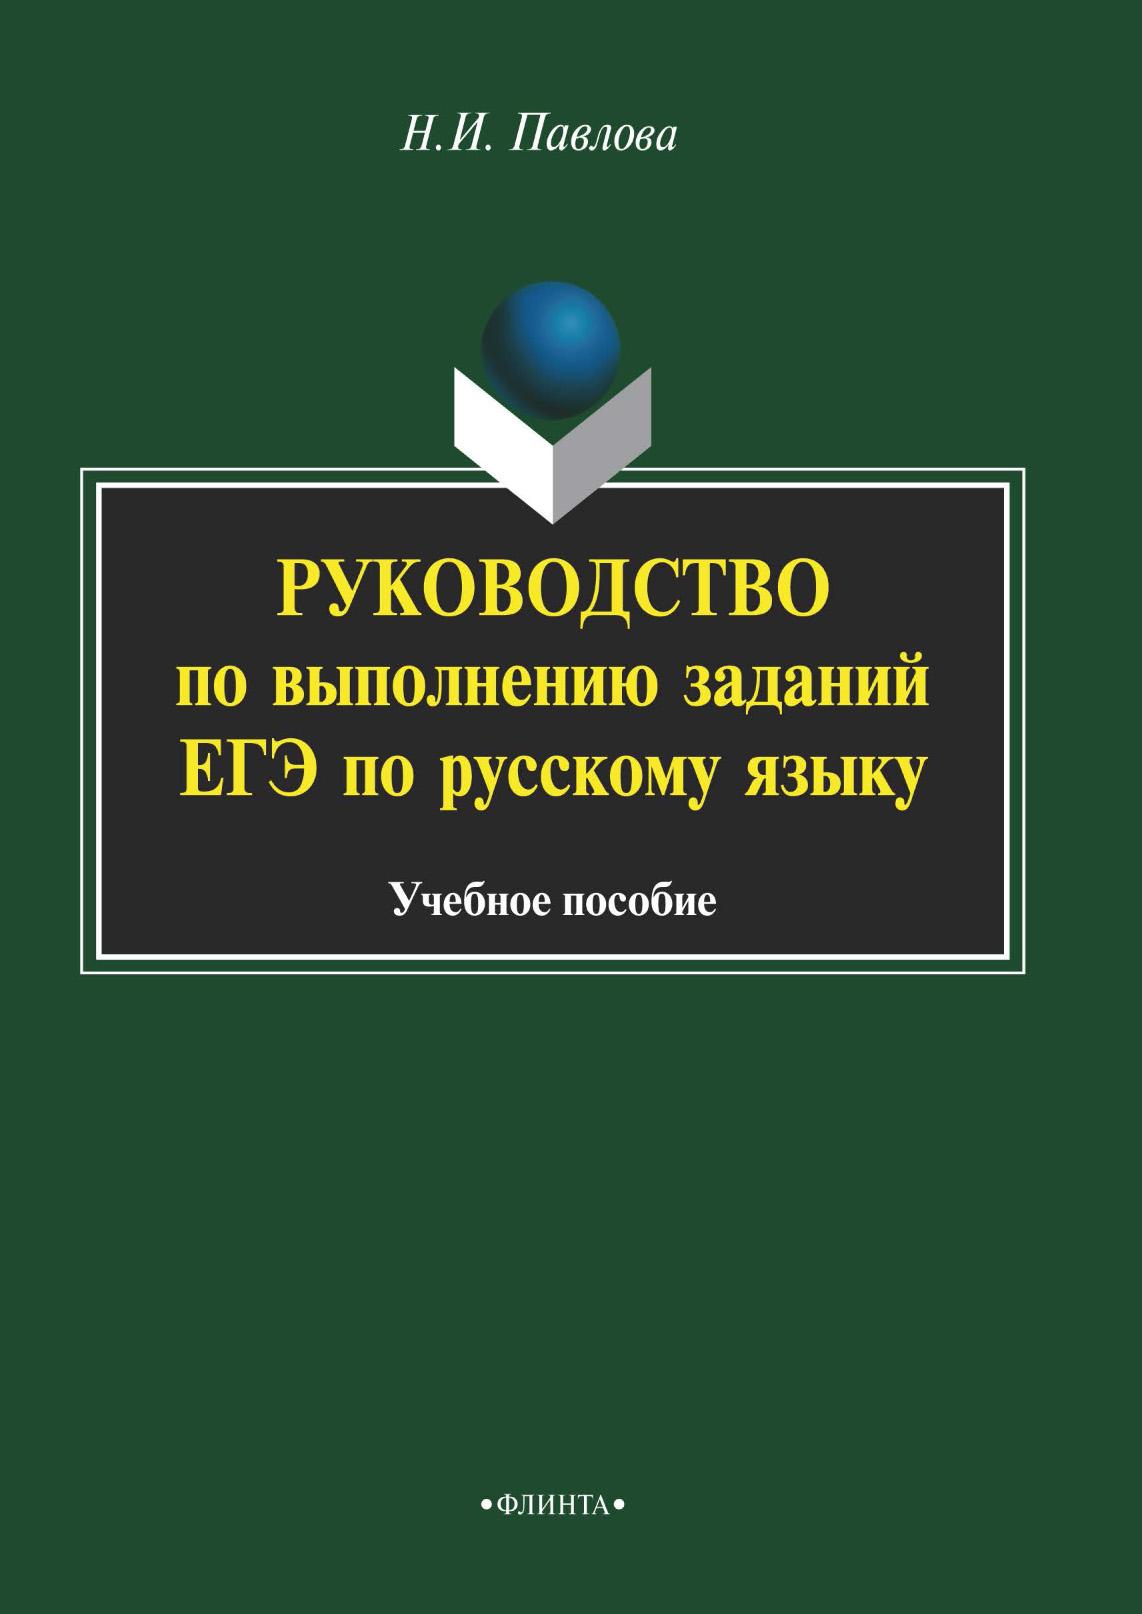 цена на Н. И. Павлова Руководство по выполнению заданий ЕГЭ по русскому языку